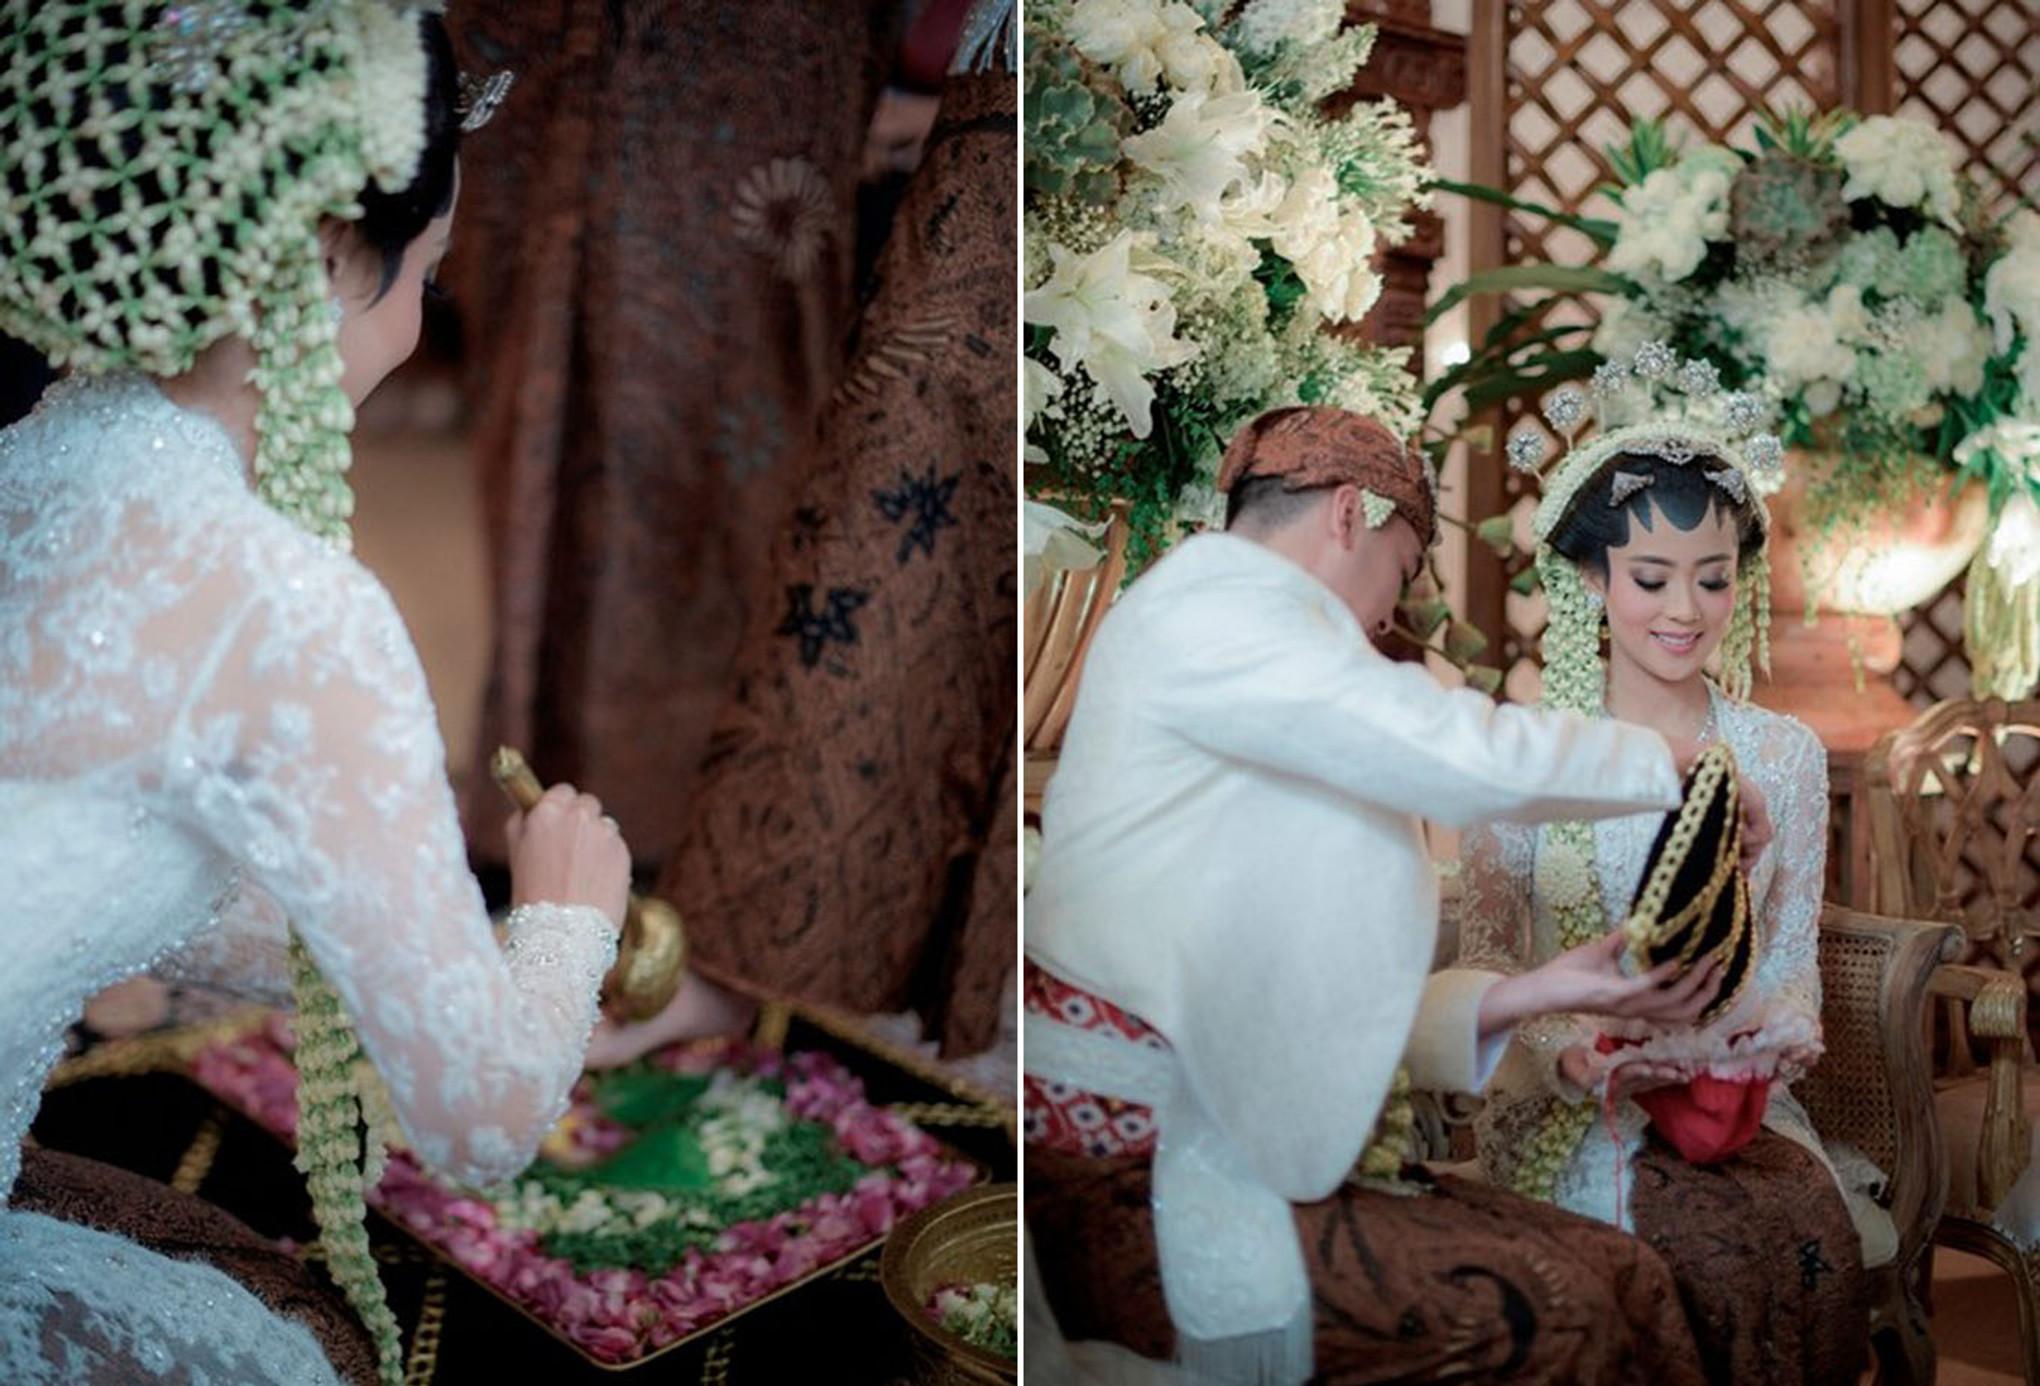 Panduan Rangkaian Prosesi Pernikahan Adat Jawa Beserta Makna Di Balik Setiap Ritualnya Bridestory Blog